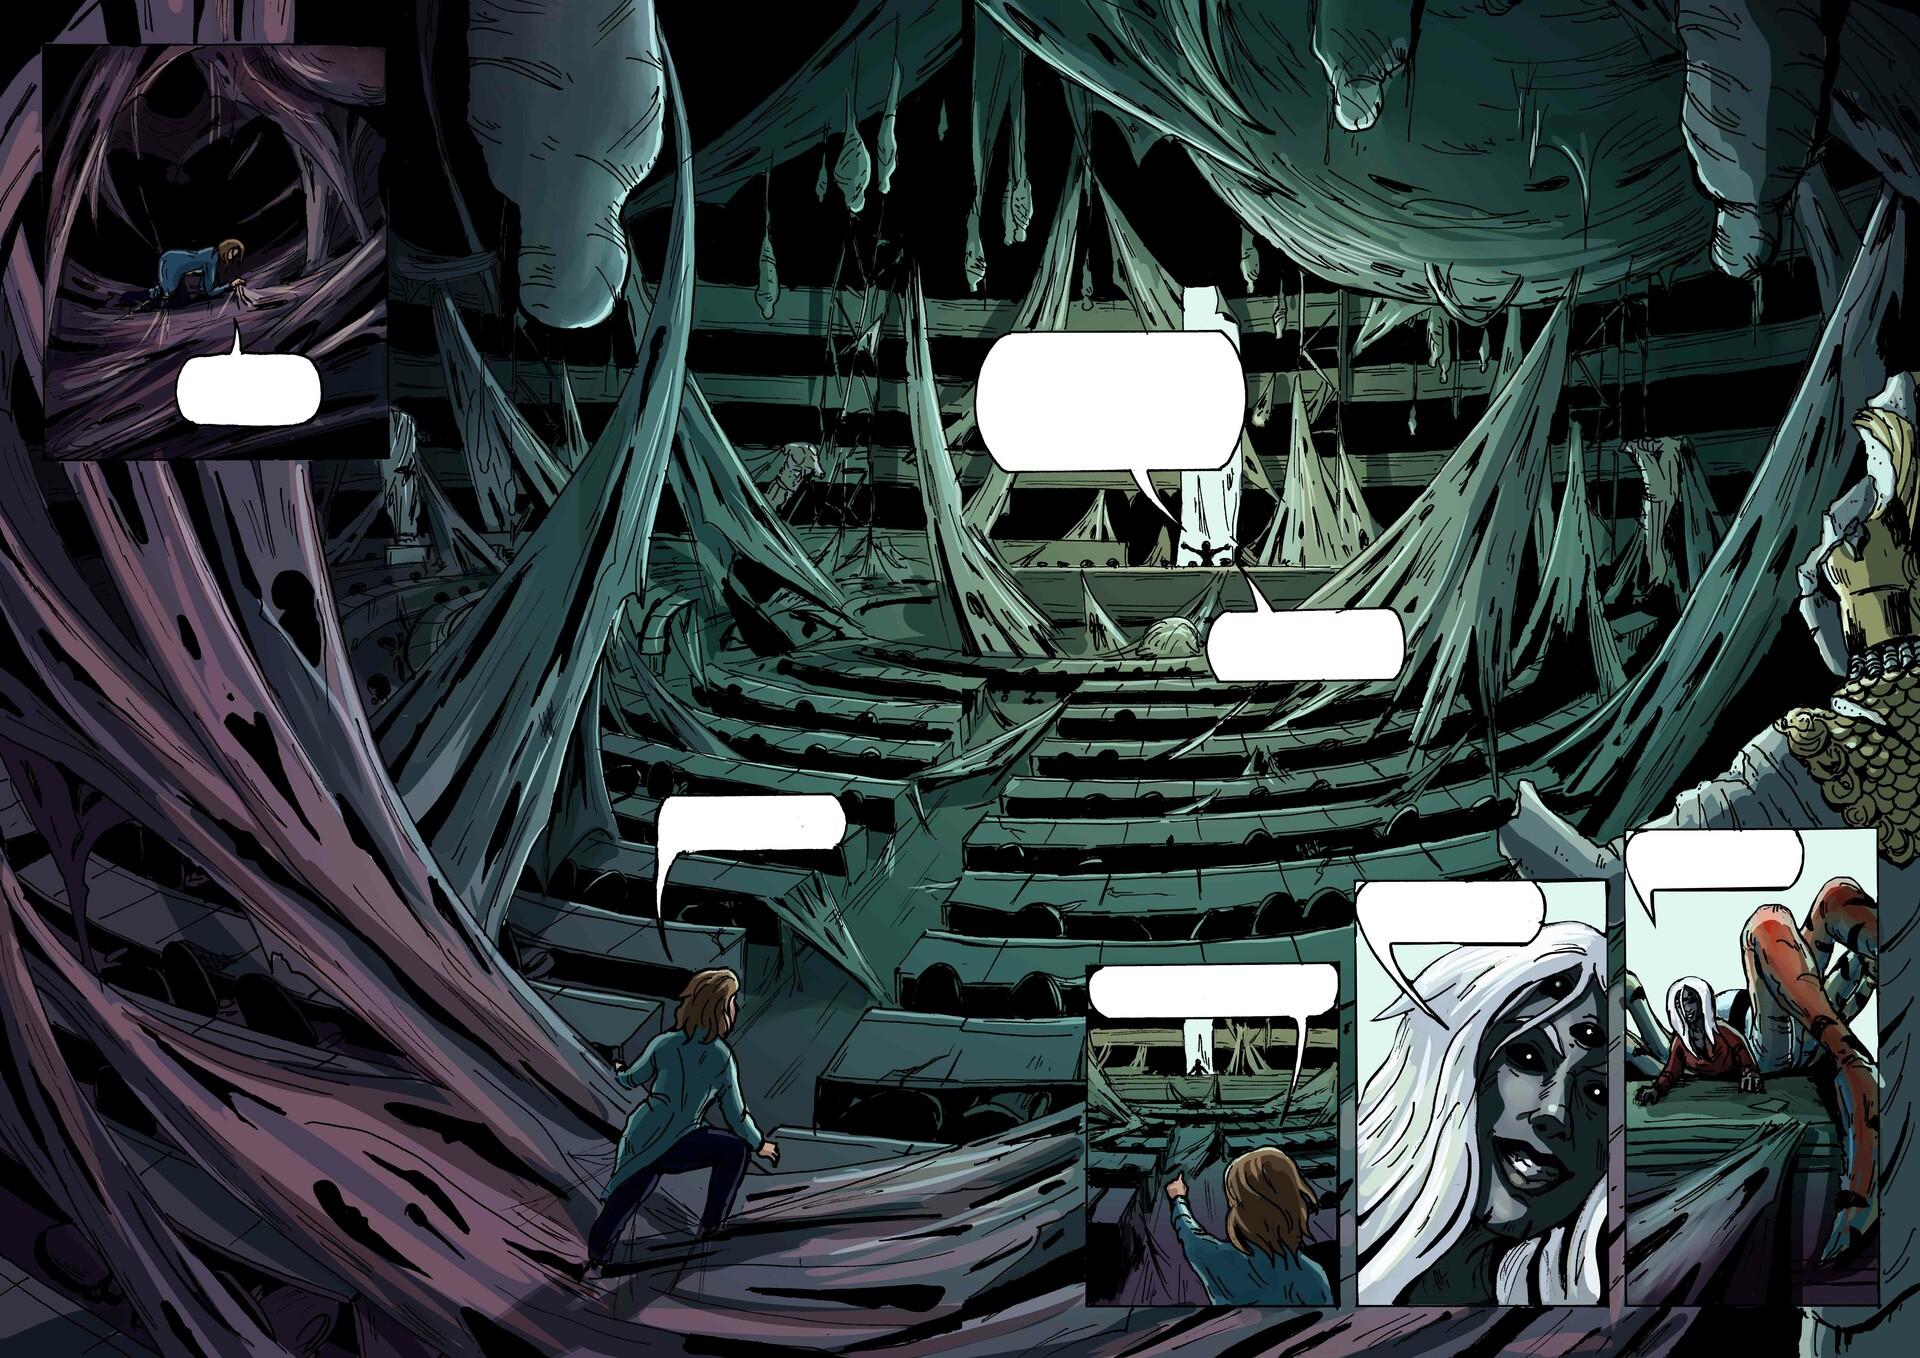 Nicolas rivero page26 27color kl